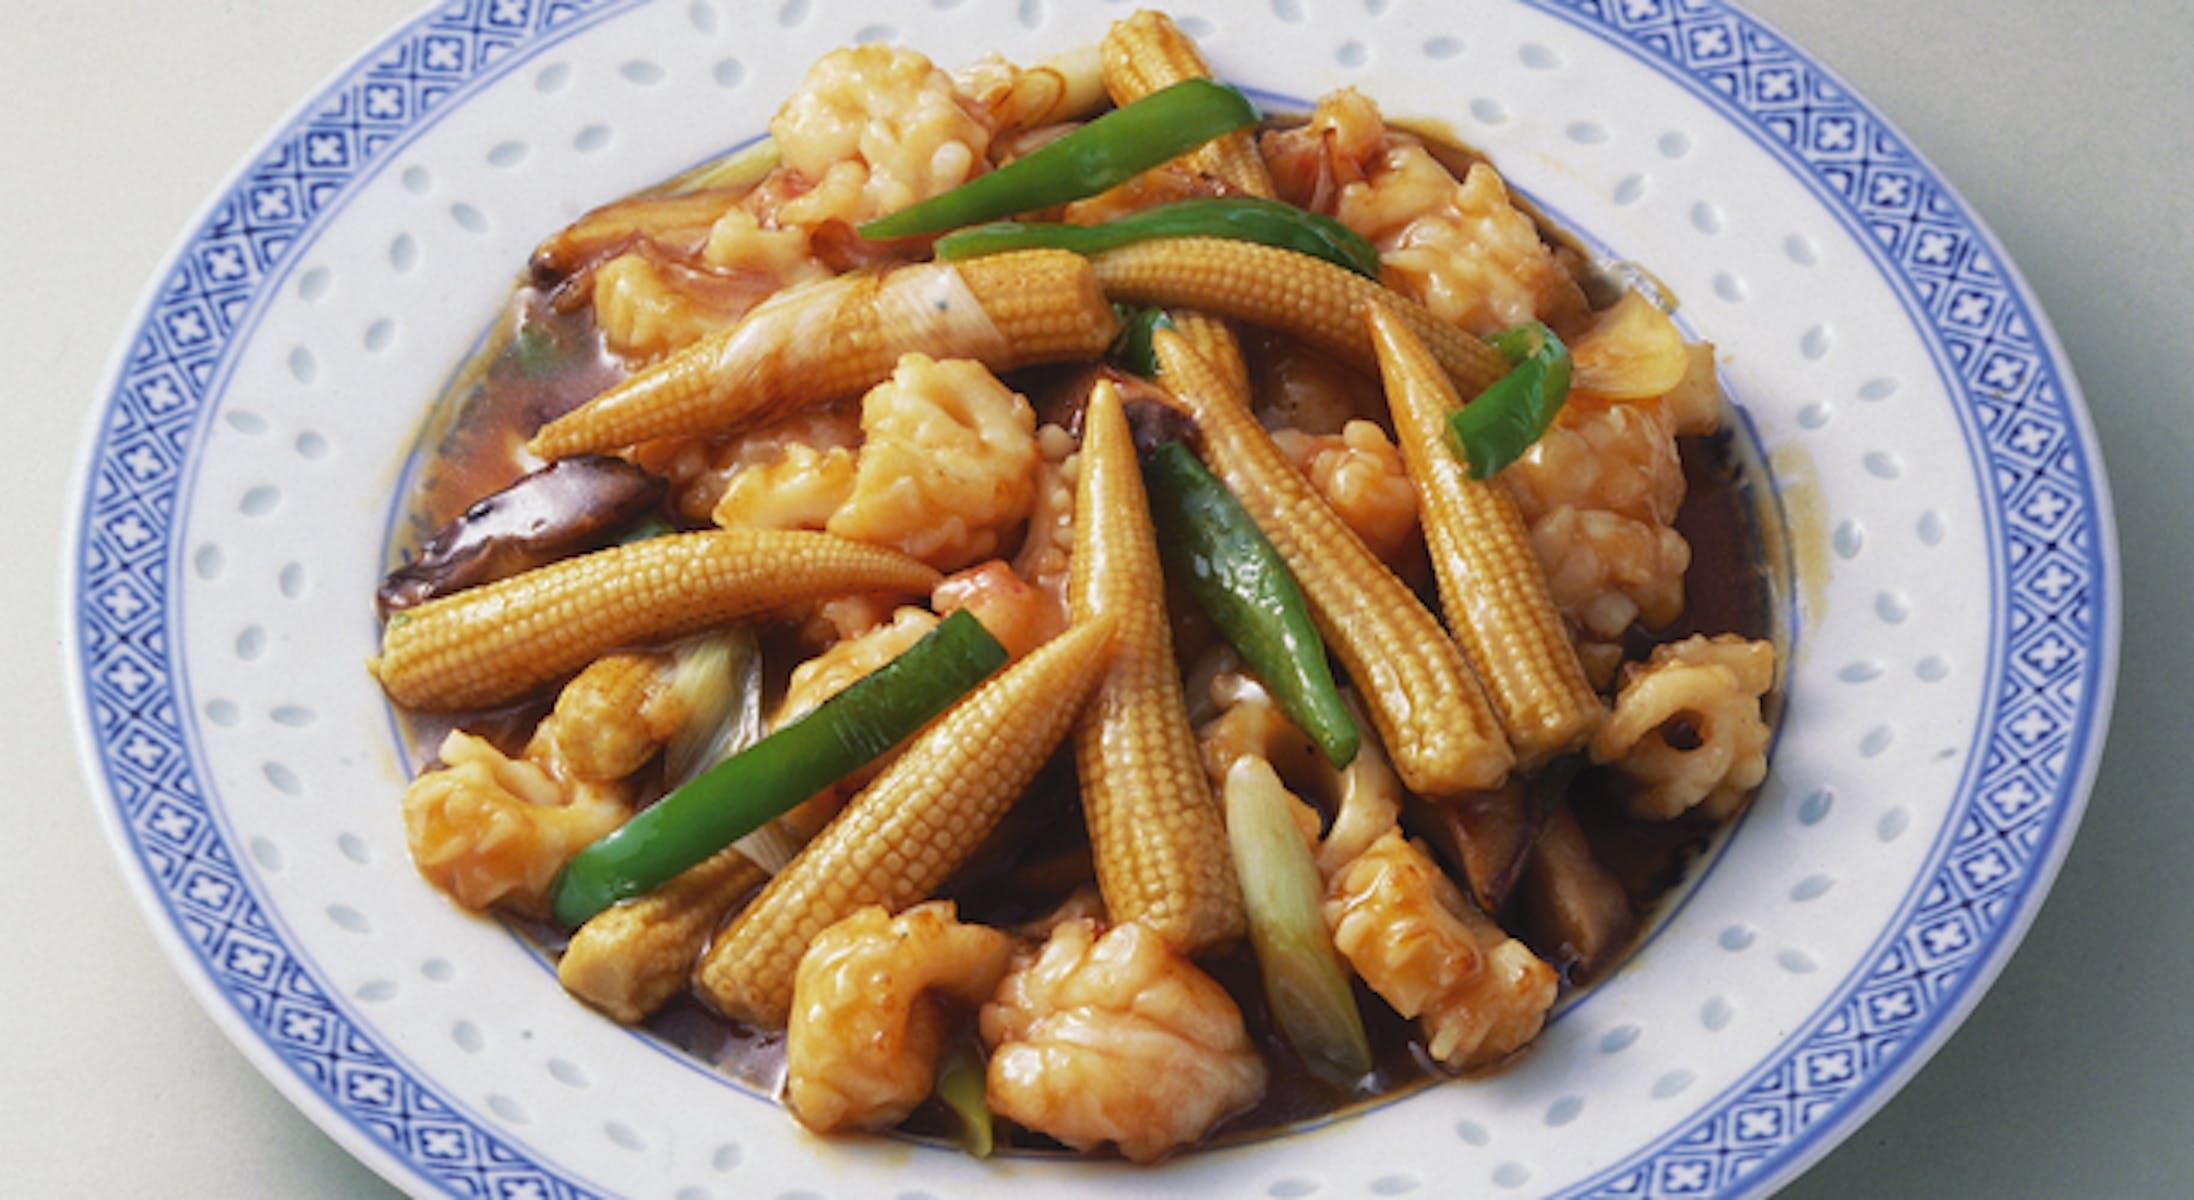 えびとヤングコーンの炒め物